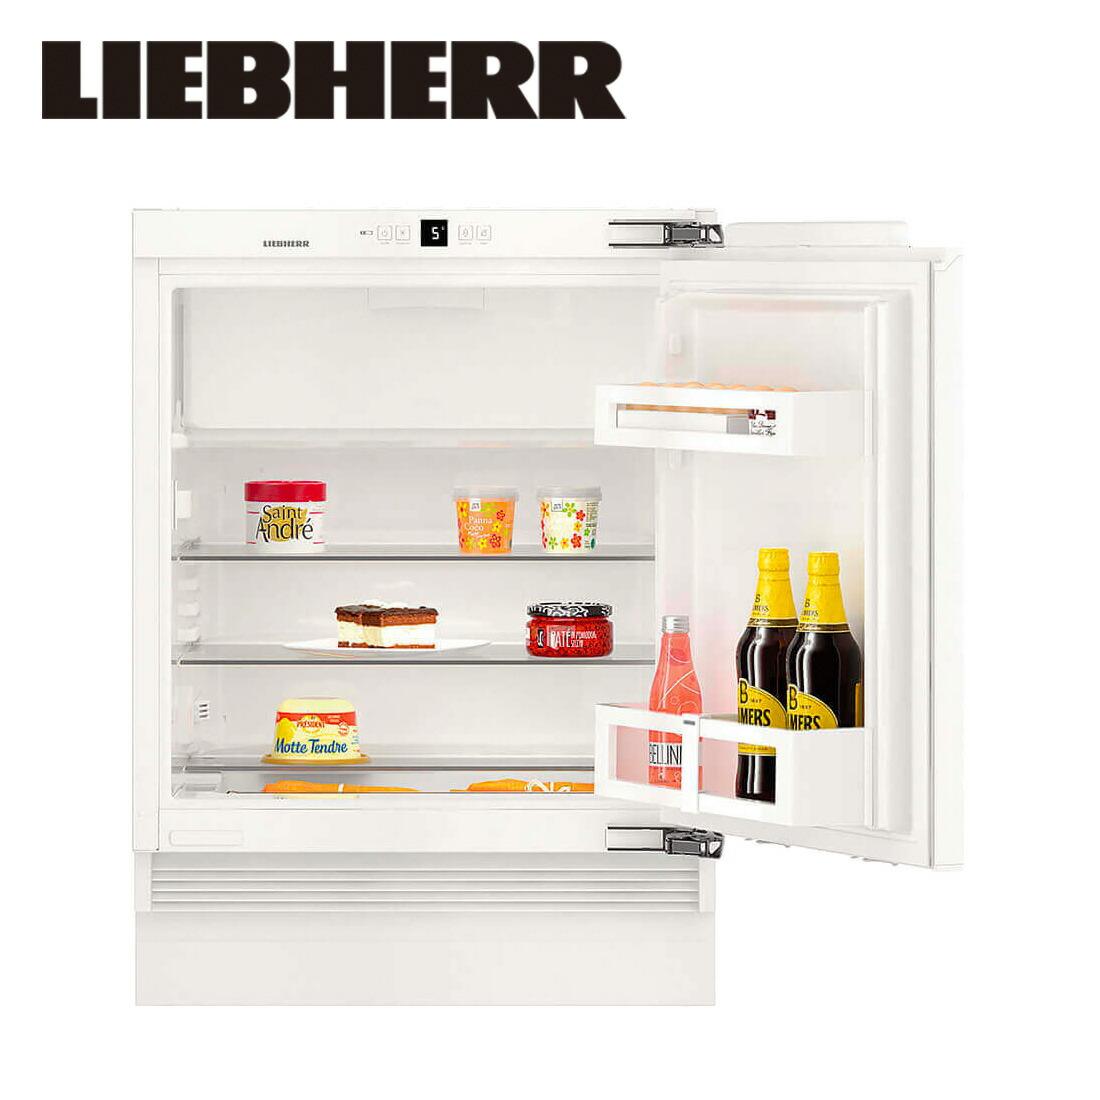 【一都三県は送料・開梱設置無料】リープヘル 冷蔵庫 LIEBHERR UIK1514 Comfort 122L ビルトイン Built-in Fridge-Freezer Undercounter 冷凍庫【代引不可】